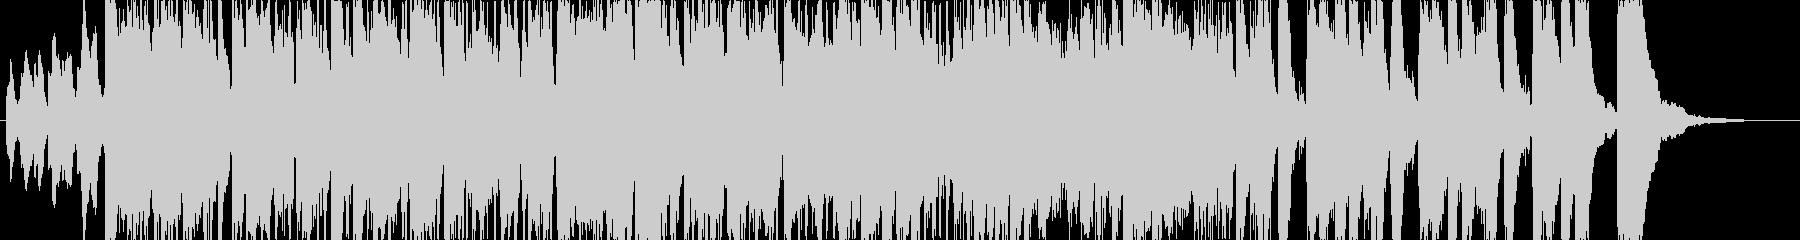 ジングル - エモ・フラメンコの未再生の波形